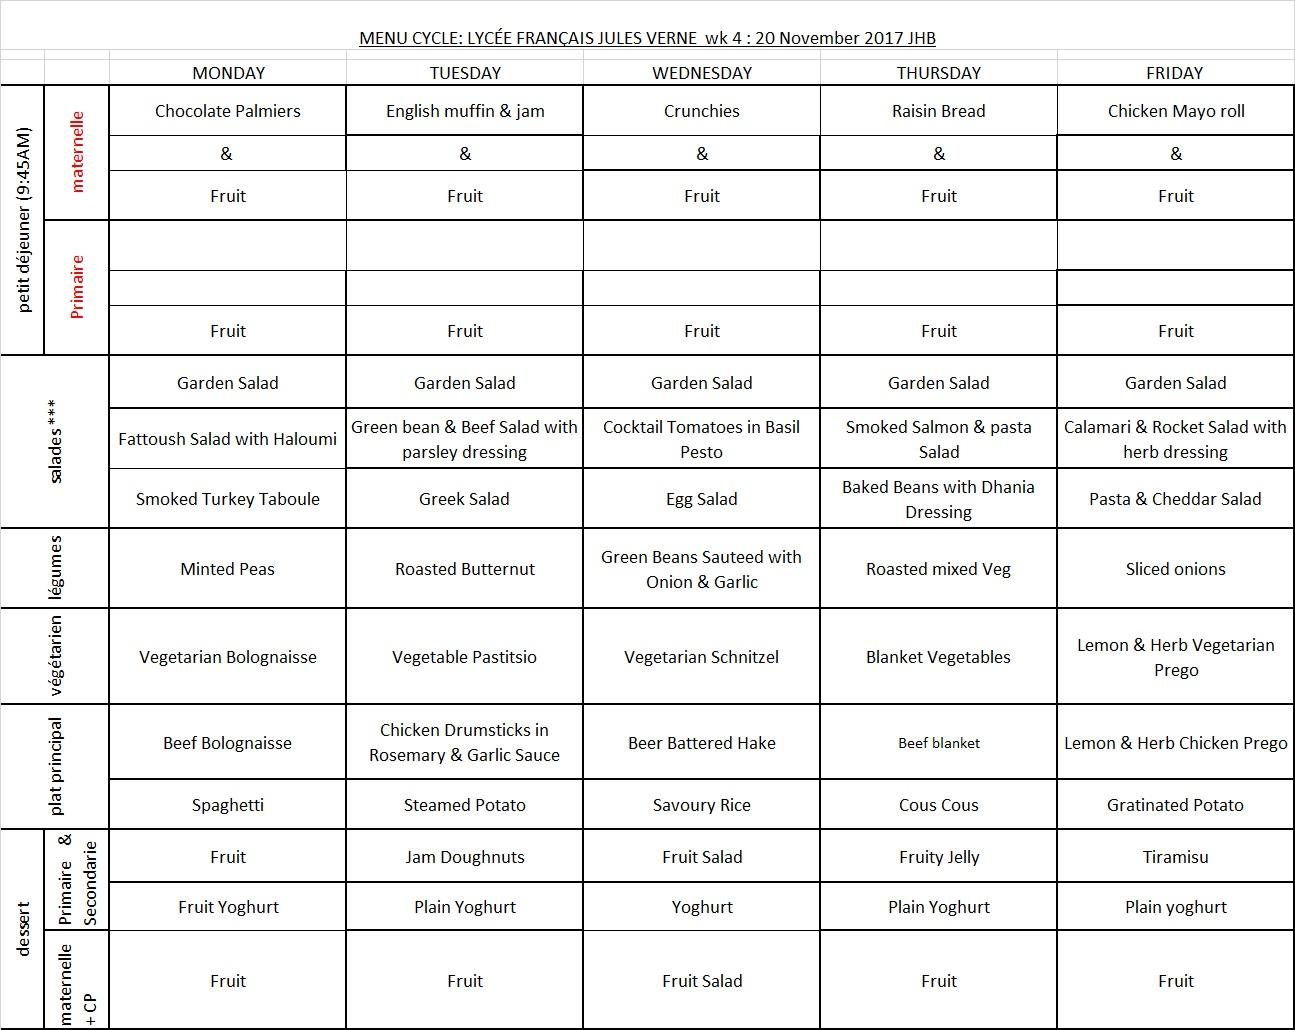 Menu Week 4 - 20 NOV